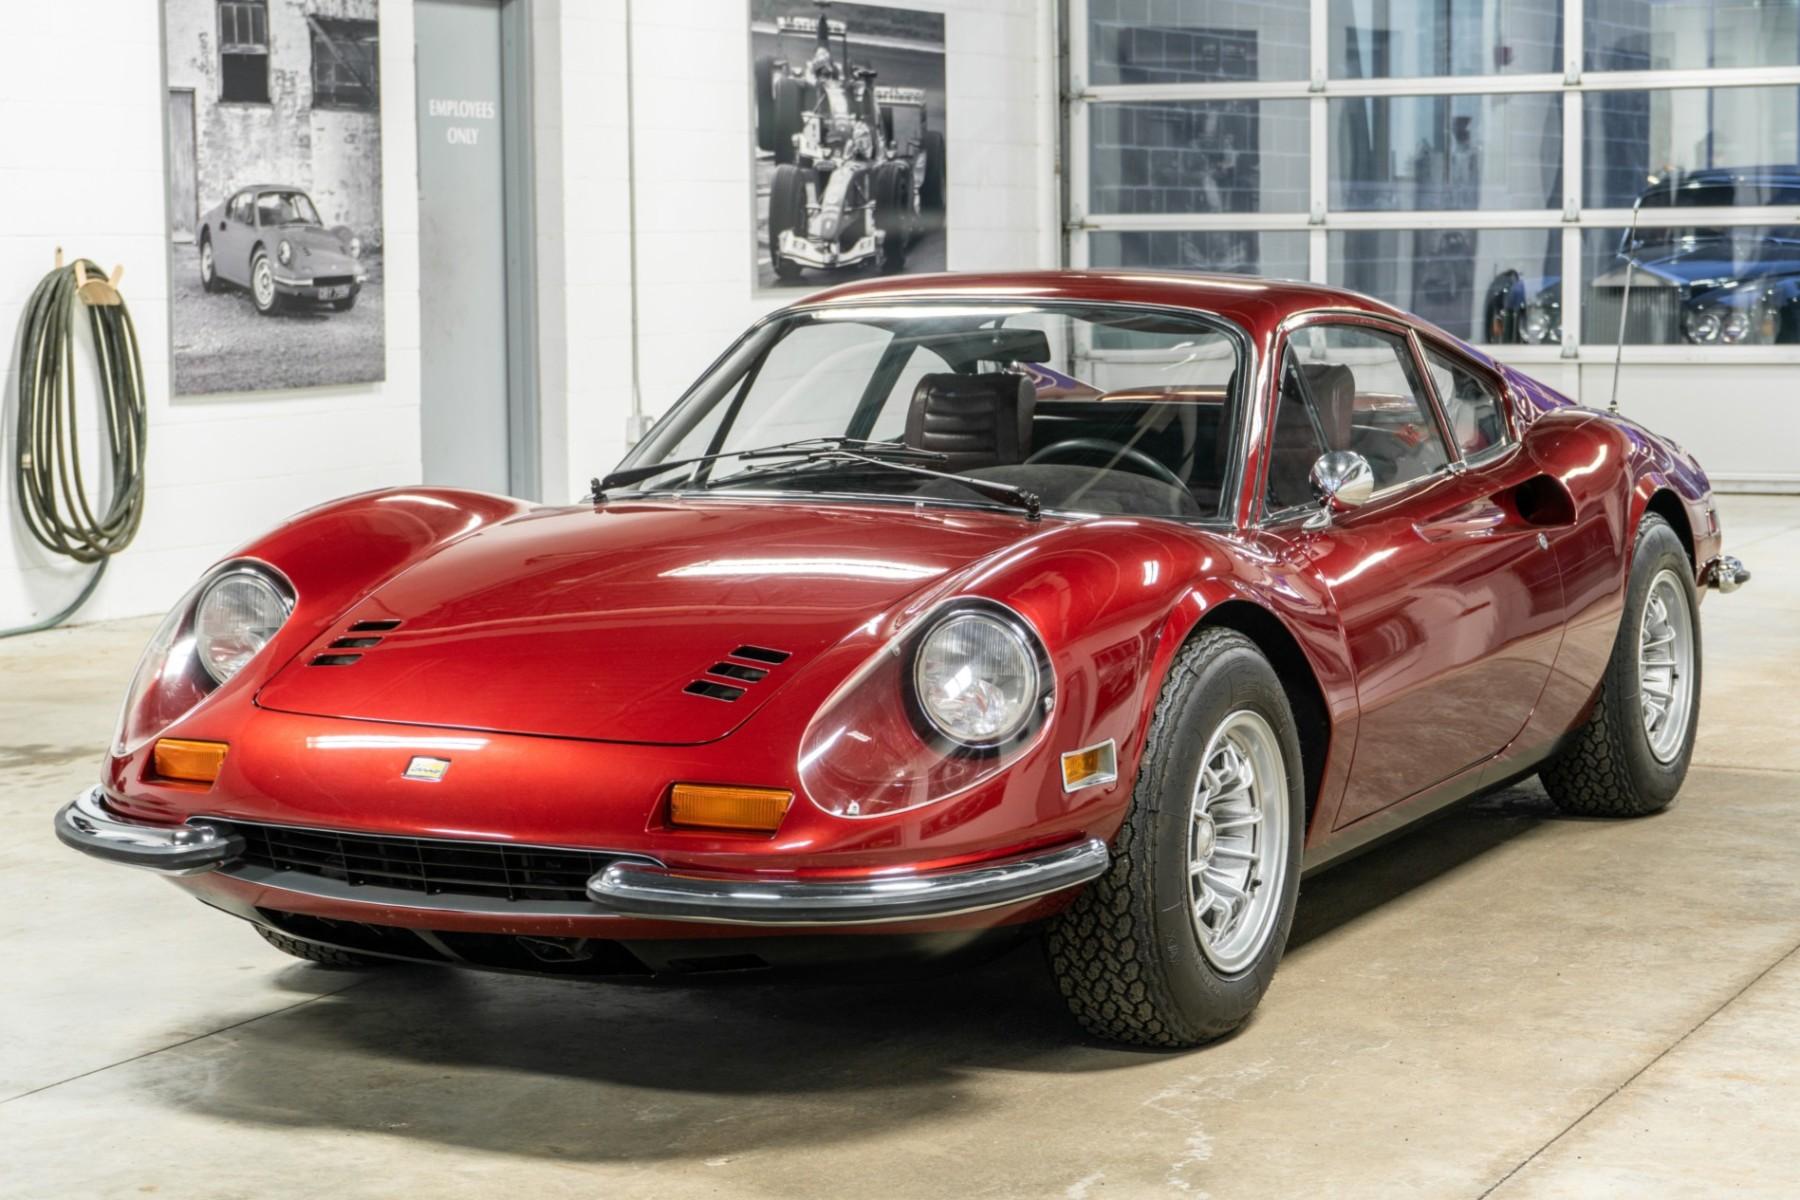 1972 Ferrari Dino 246 Gt The Big Picture